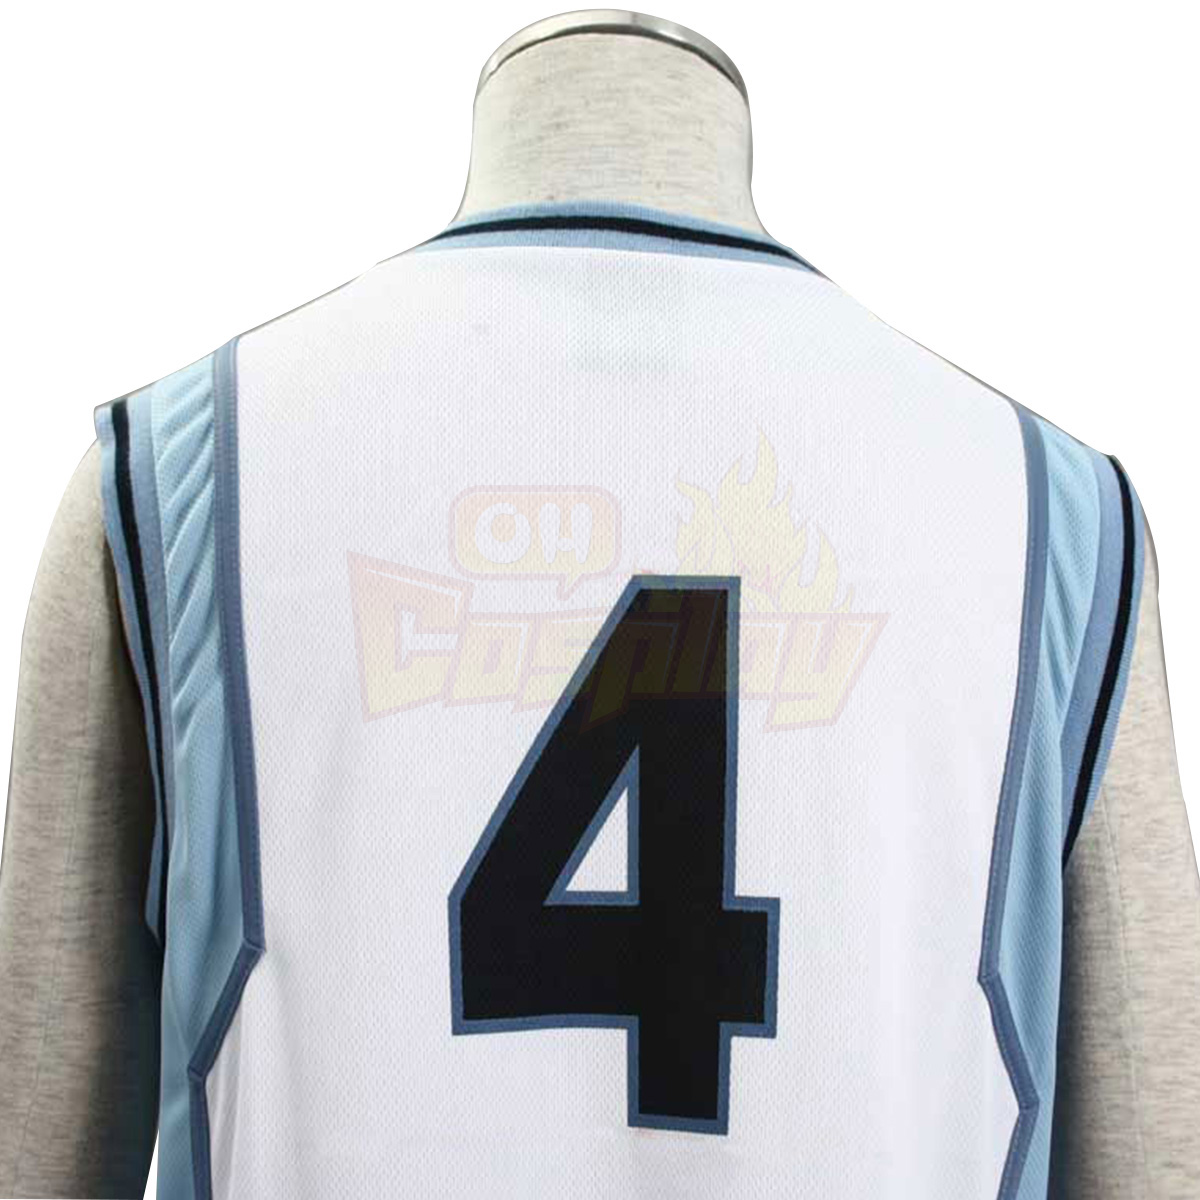 Луксозен Kuroko no Basket Akashi Seijuro1 Light White No.4 Cosplay Костюми